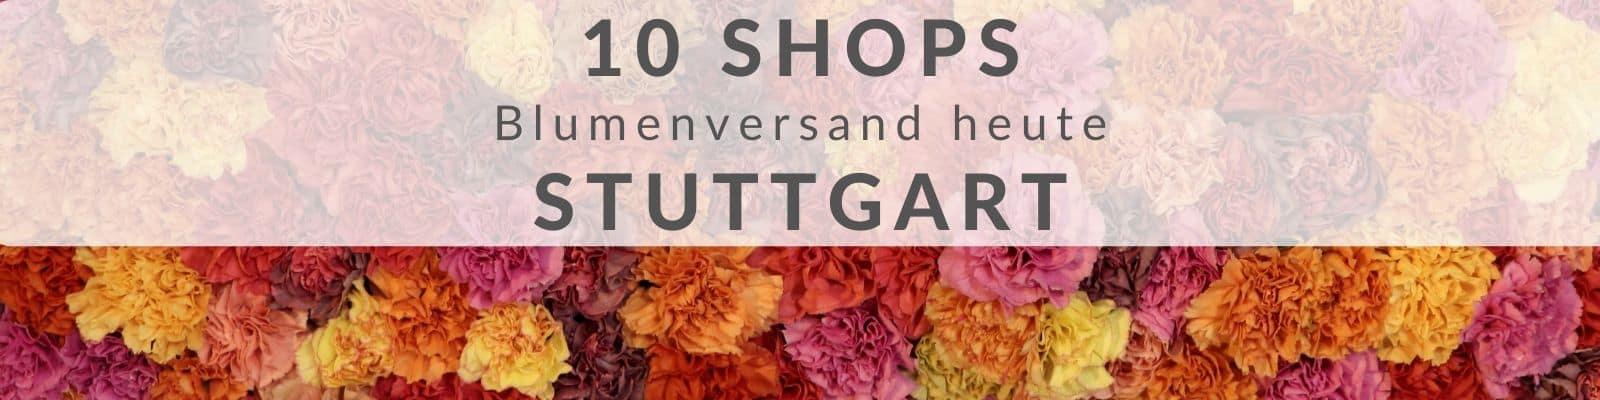 Blumen verschicken Stuttgart online